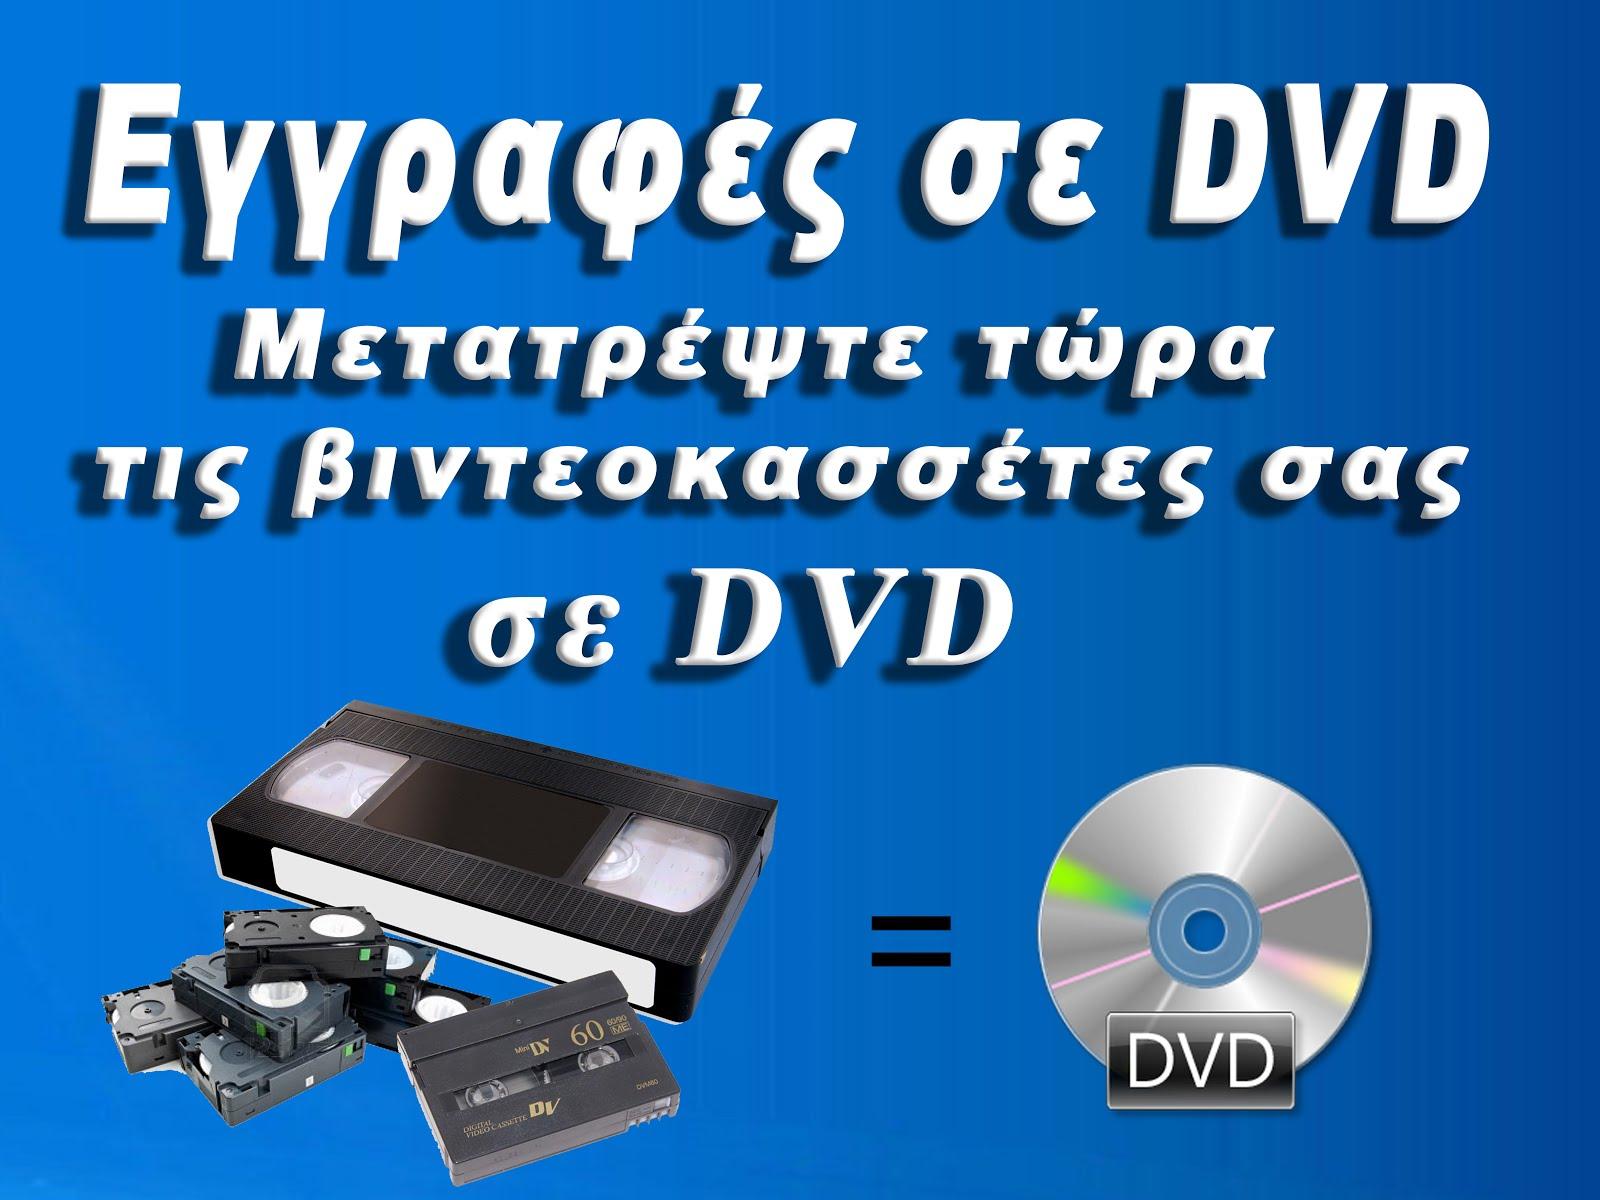 Εγγραφες σε  DVD